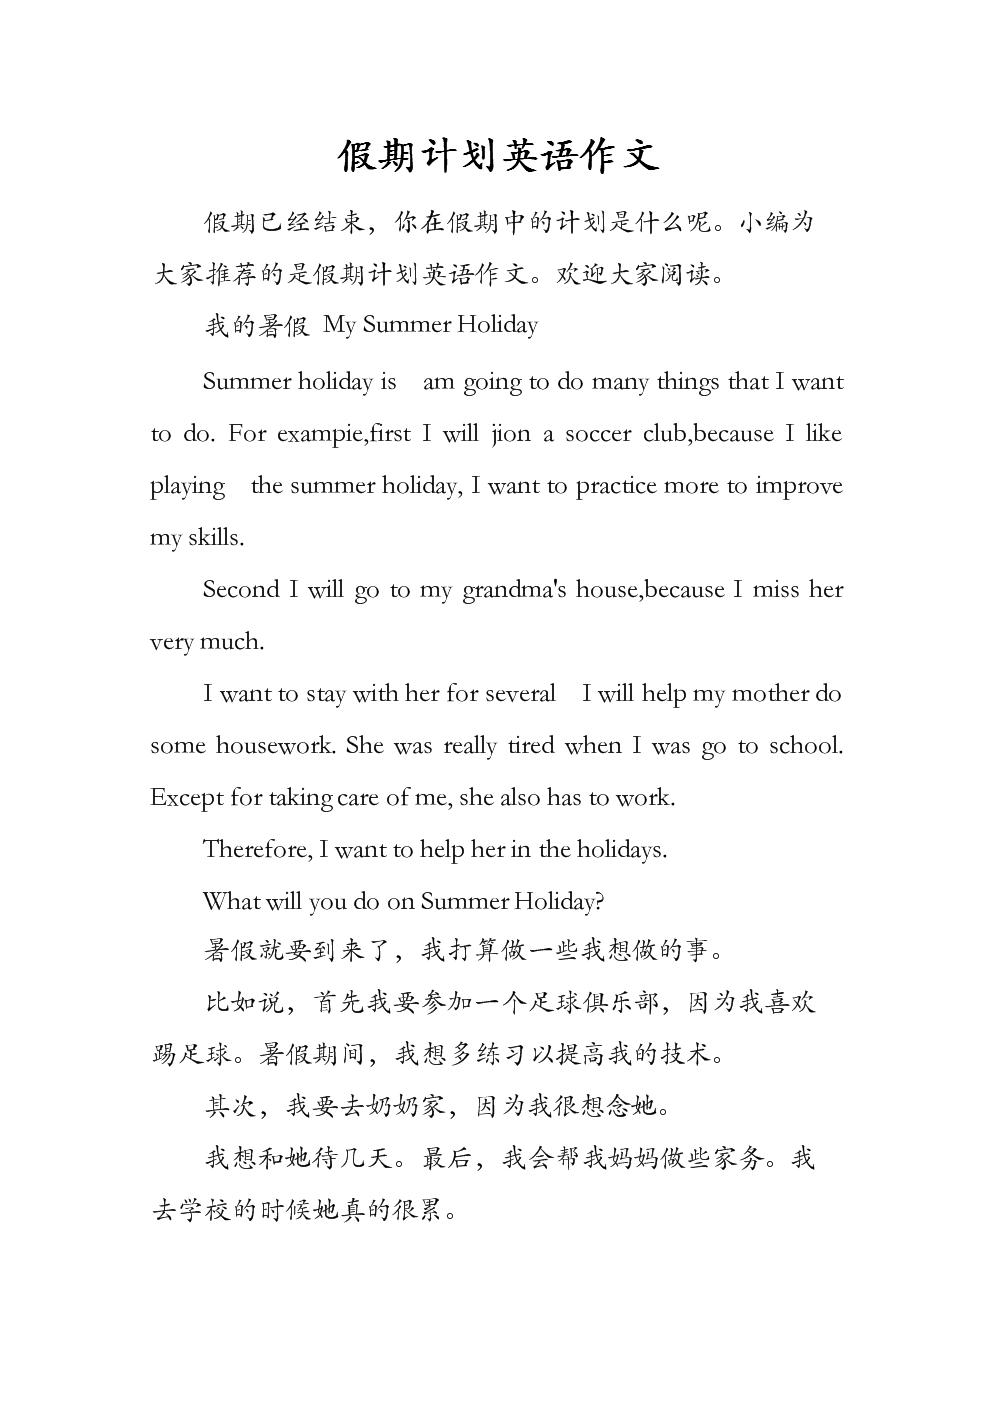 假期计划英语作文.doc